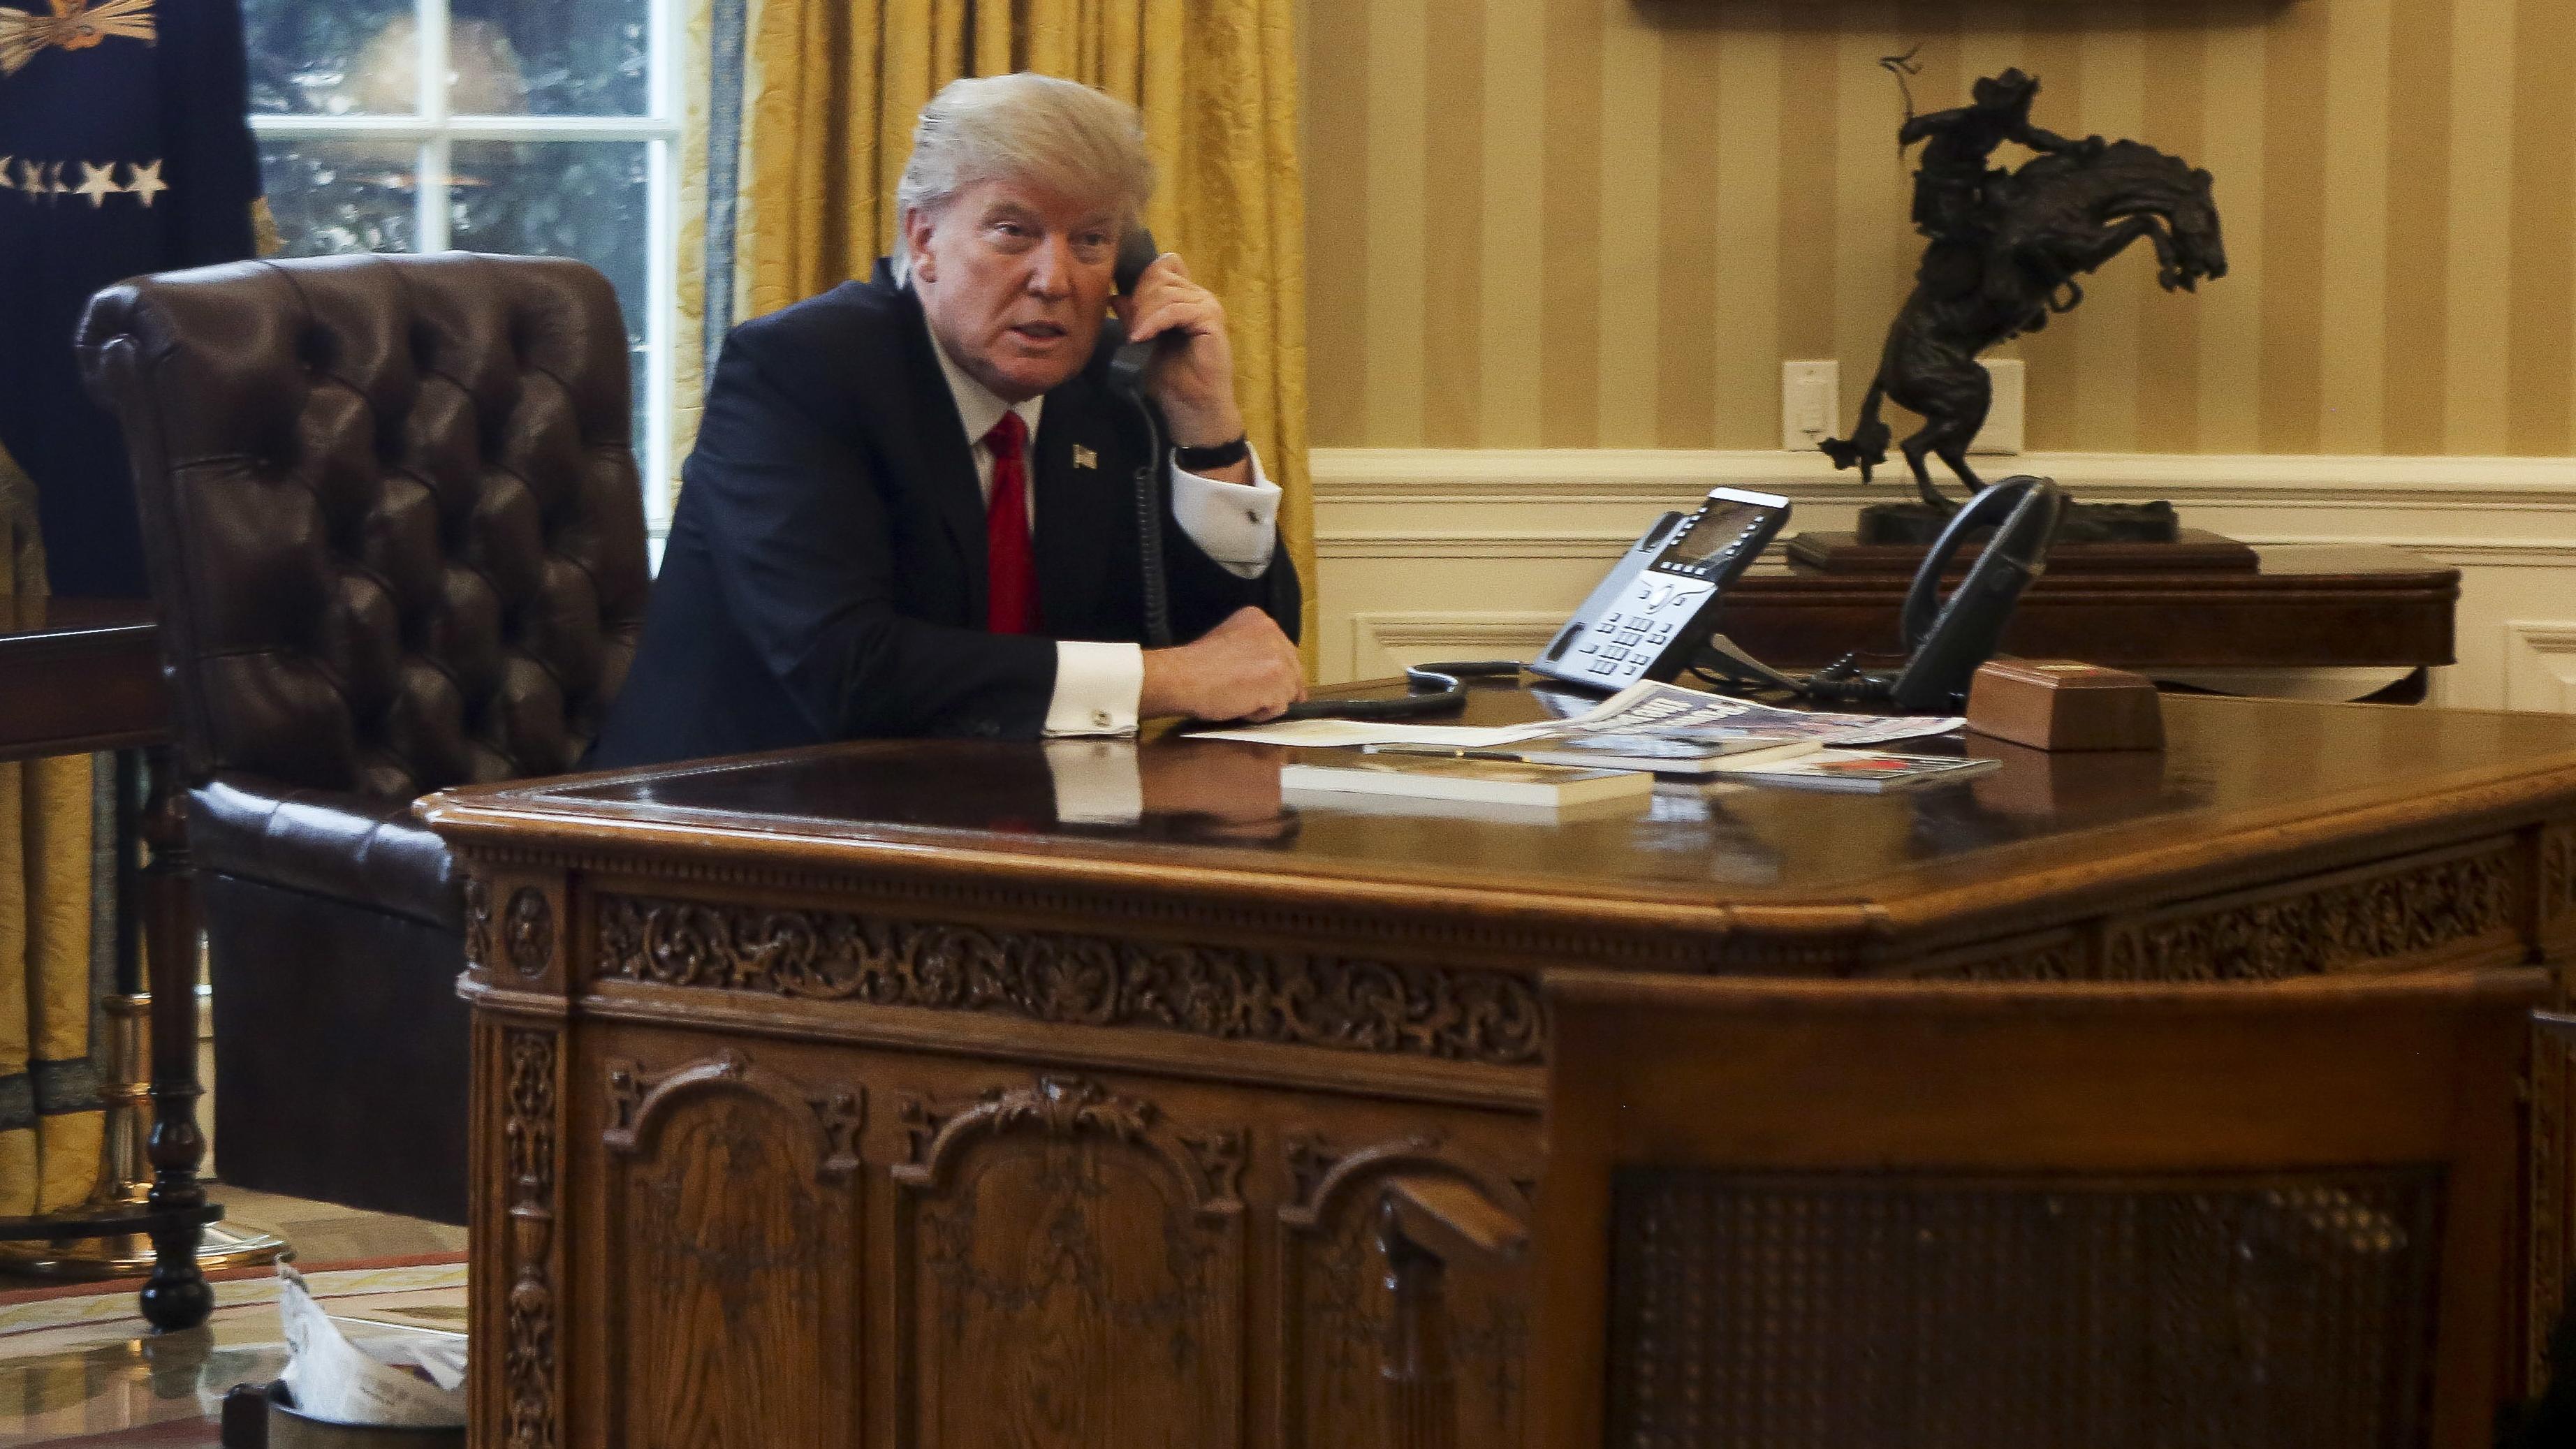 Donald Trump am Schreibtisch im Oval Office